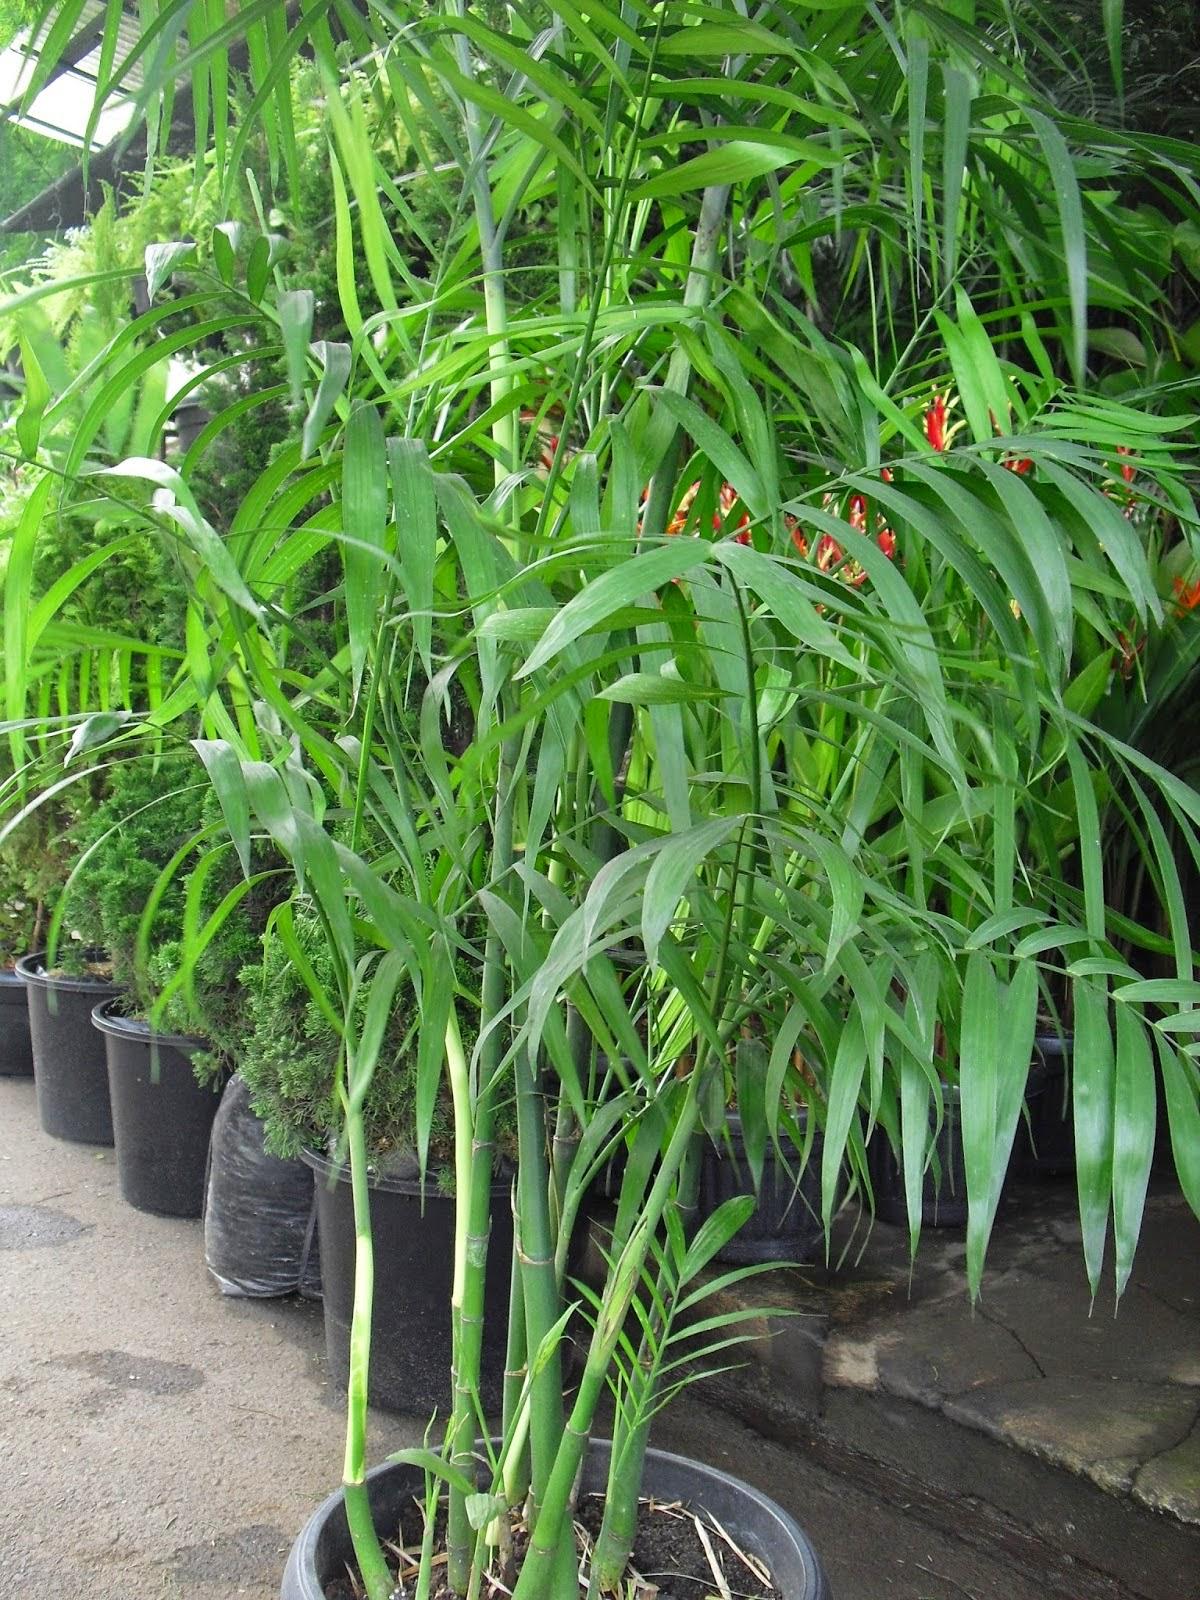 Jual Pohon Palem Komodoria | Jual Aneka Pohon Palem | Jasa Tukang Taman Dibogor